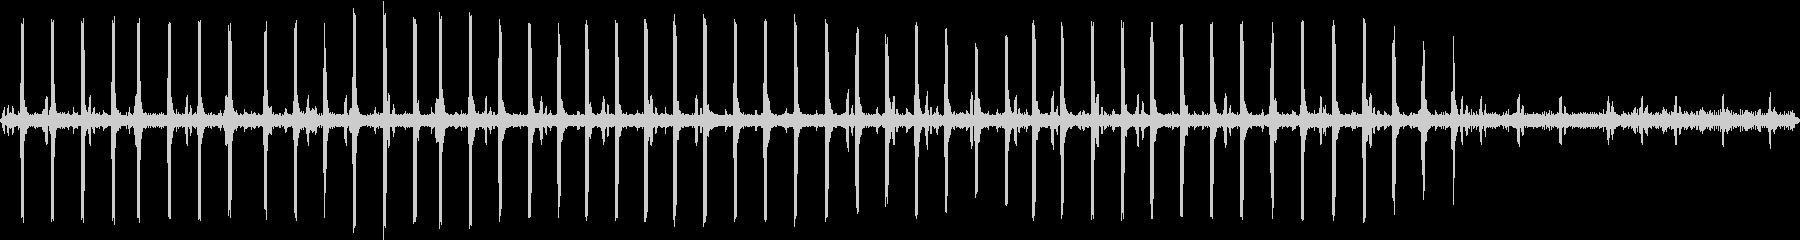 リュウキュウコノハズクが鳴く奄美大島の森の未再生の波形